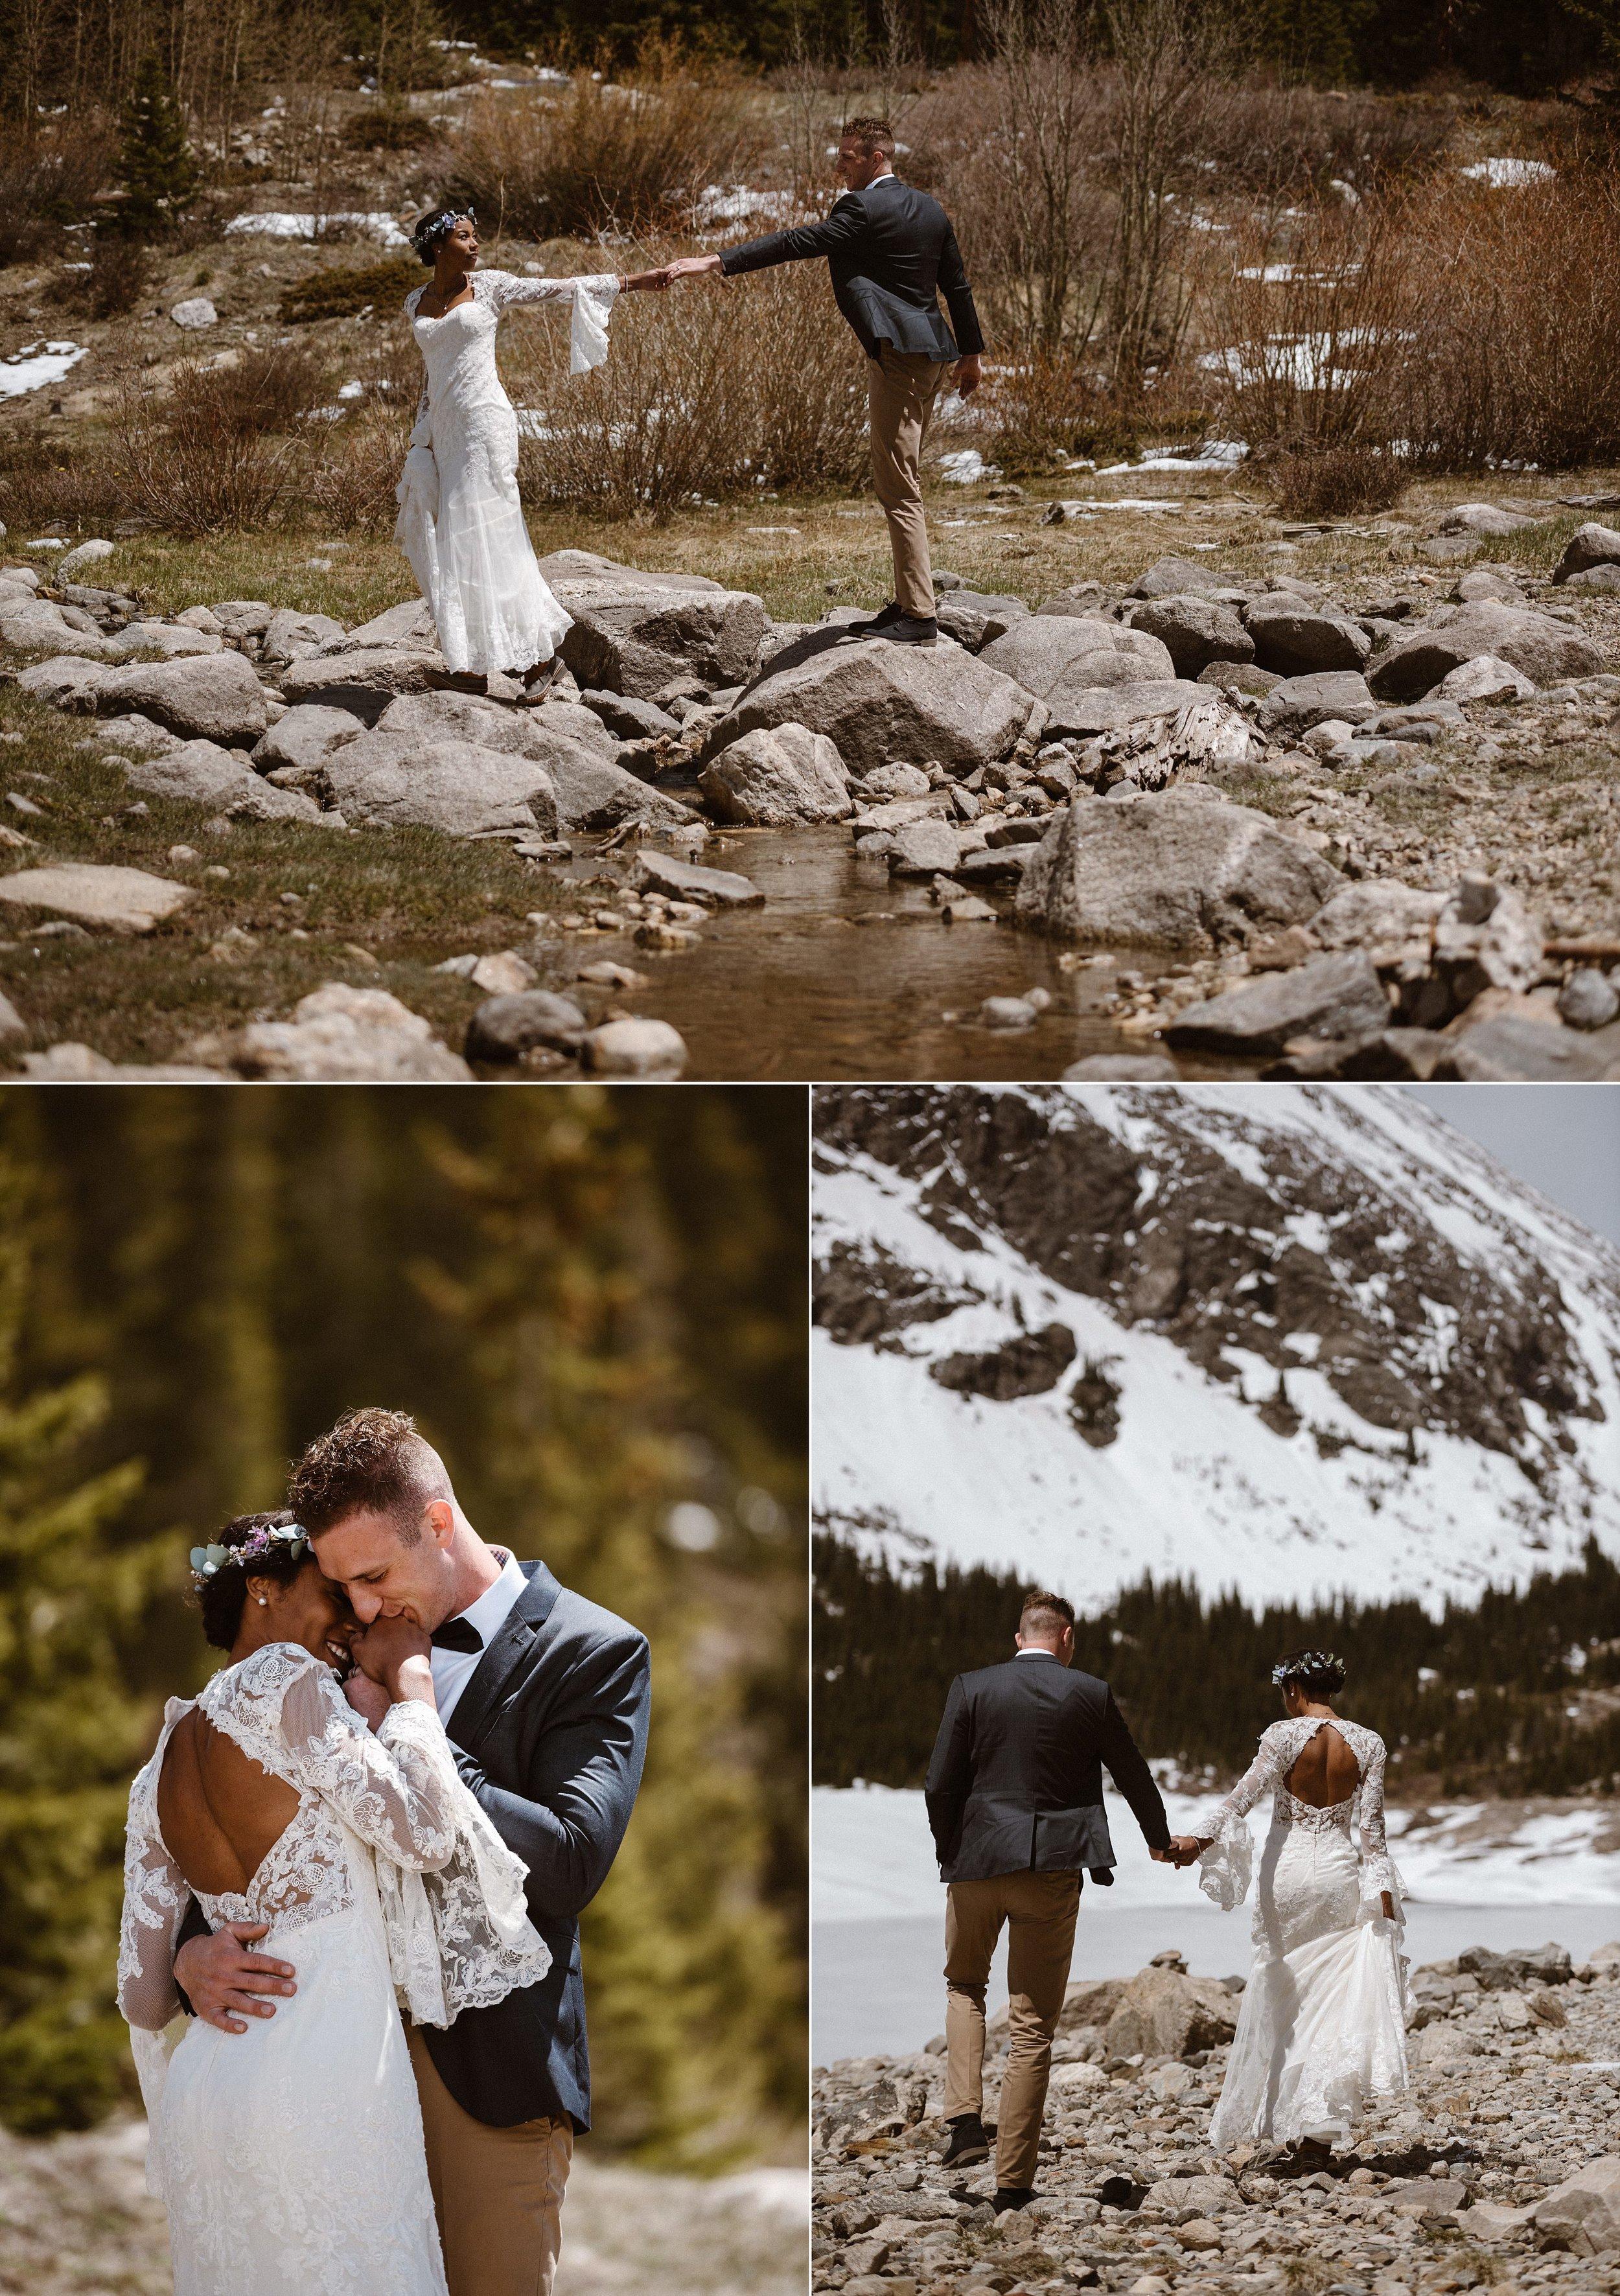 winter-elopement-snowy-elopement-Loveland-Pass-wedding-Loveland-Pass-elopement-Arapahoe-Basin-wedding-Arapahoe-Basin-elopement-Keystone-wedding-Keystone-elopement-Breckenridge-wedding-Breckenridge-elopement-Silverthorne-wedding-Silverthorne-elopement-Dillon-wedding-Dillion-elopement-Dillon-Reservoir-wedding-Sapphire-Point-wedding-Sapphire-Point-elopement-Dillon-Reservoir-elopement-Sapphire-Point-Overlook-elopement-Sapphire-Point-Overlook-wedding-Montgomery-Reservoir-wedding-Hoosier-Pass-wedding-Montgomery-Reservoir-elopement-Hoosier-Pass-elopement-maddie-mae-maddie-mae-photography-colorado-elopement-elopement-coloraodo-intimate-elopement-colorado-mountains-colorado-mountain-wedding-colorado-mountain-elopement-intimate-wedding-ceremony-mountain-wedding-ceremony-colorado-mountain-wedding-ceremony-fur-stole-wedding-fur-elope-colorado-elope-in-colorado-adventure-wedding-adventure-wedding-photography-intimate-wedding-photographer-intimate-wedding-photography-intimate-elopement-photography-intimate-elopement-photographer-traveling-elopement-photographer-traveling-elopement-photography-colorado-elopement-locations-harsh-sun-sunny-mountain-elopement-sunrise-elopement-adventure-hiking-elopement-forest-hiking-elopement-all-day-elopement-adventure-adventure-elopement-photography-sunny-elopement-photography